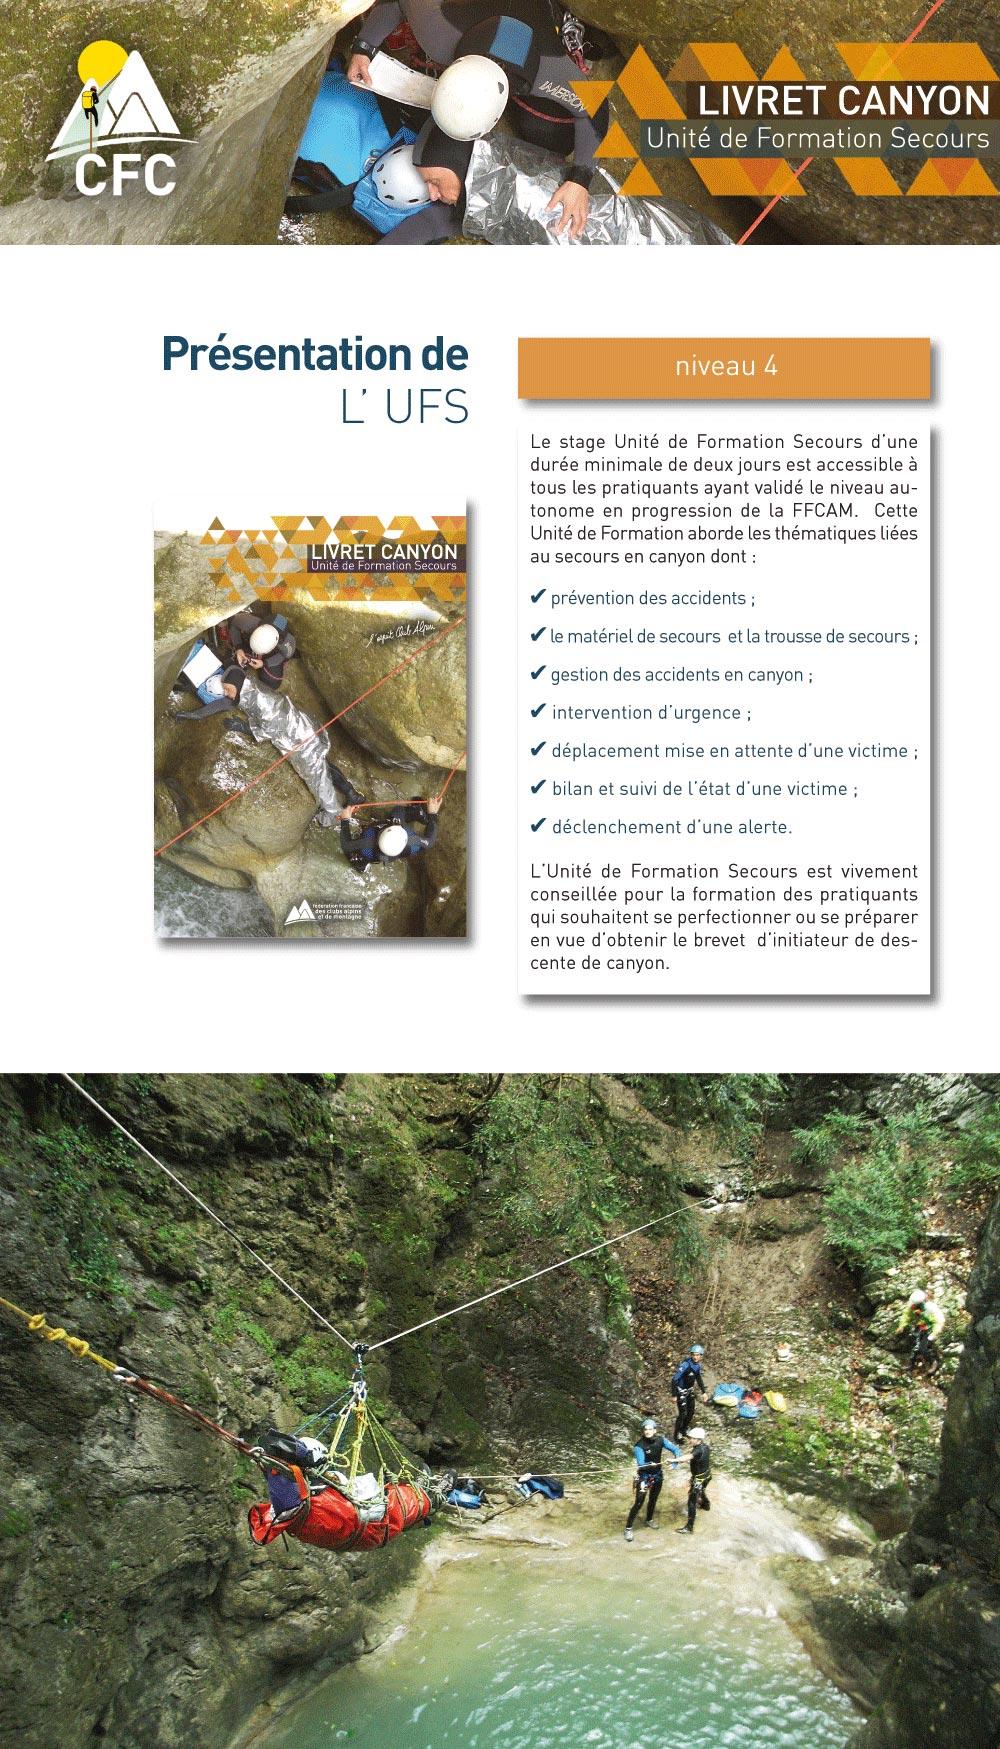 présentation de l'unité de formation secours en canyon de la FFCAM